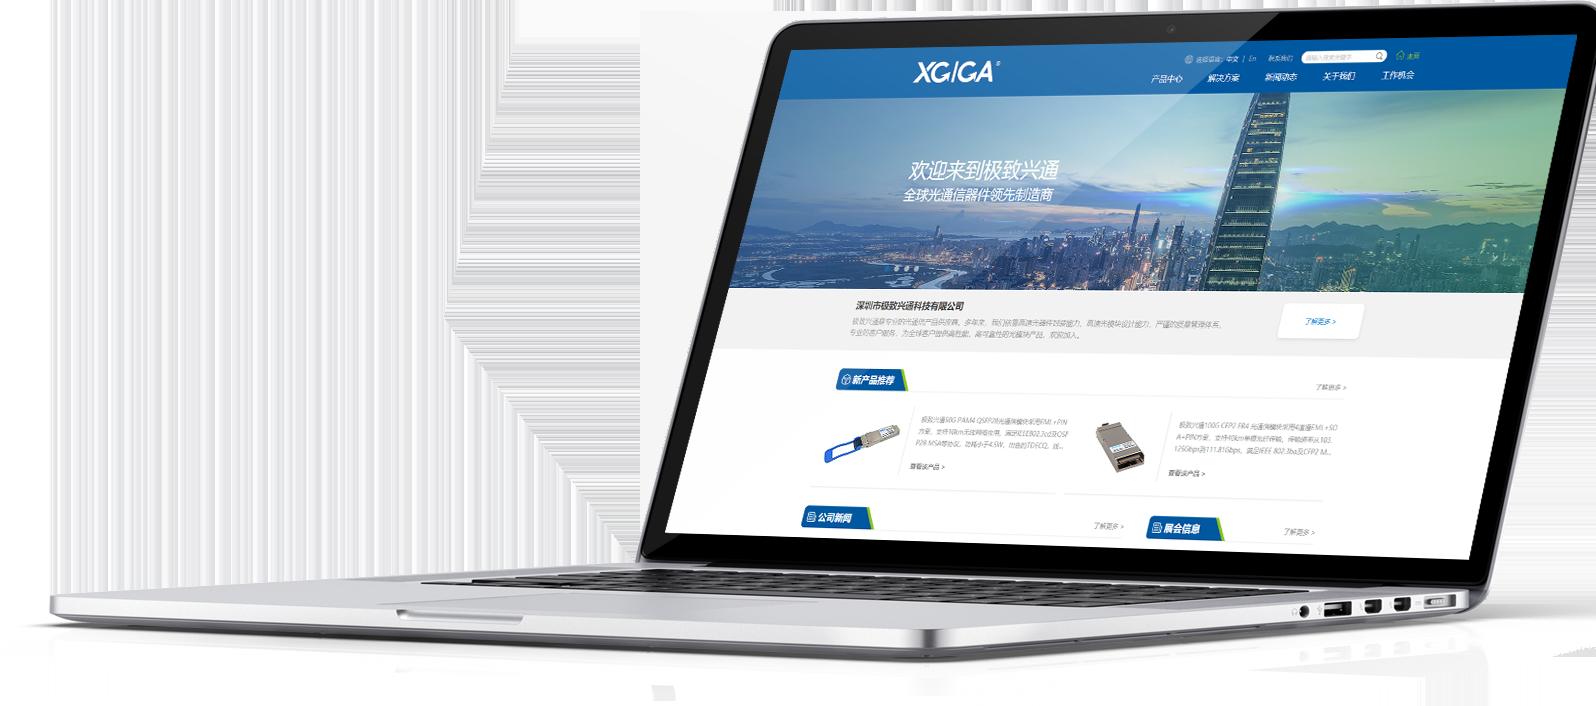 【上线】极致兴通官方网站由帮做网设计制作完成上线